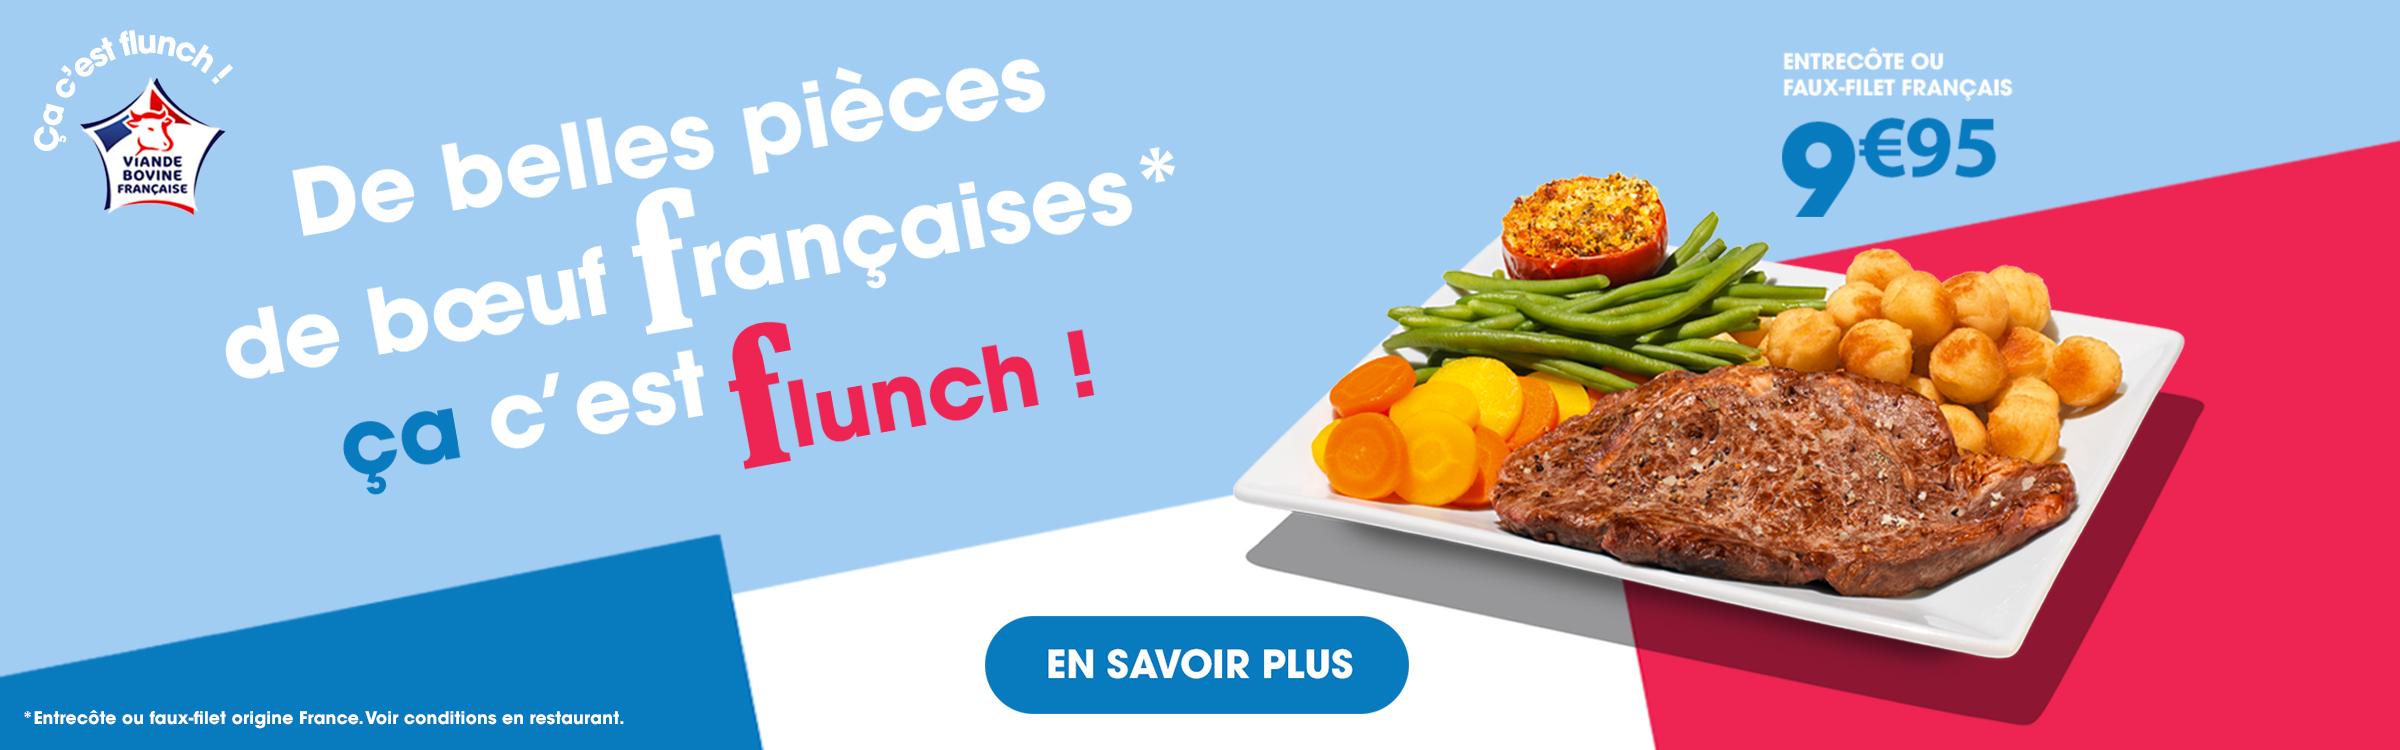 viande française flunch